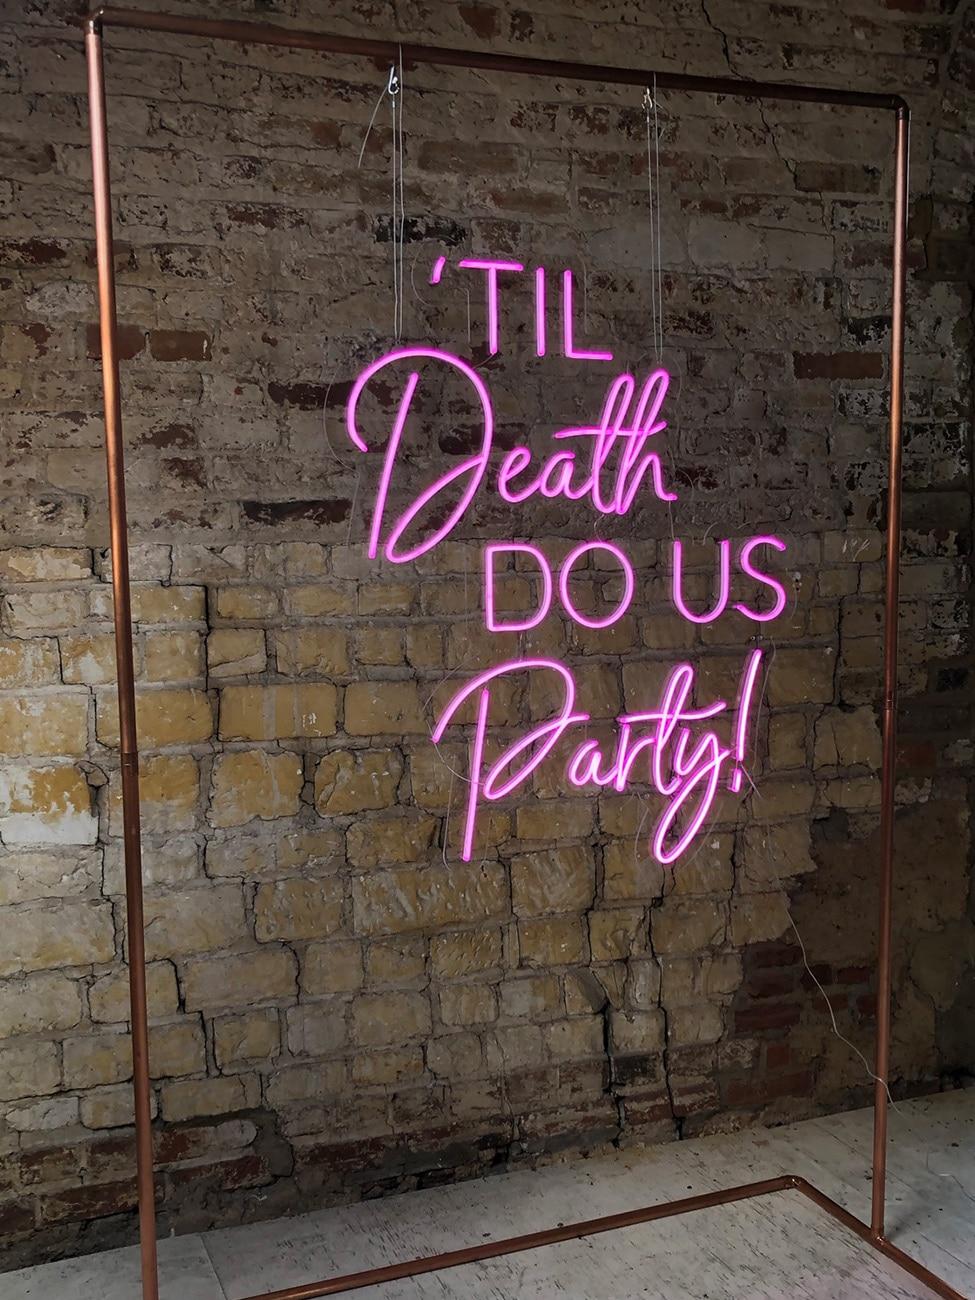 Til Death Do Us Party Neon Sign Hire